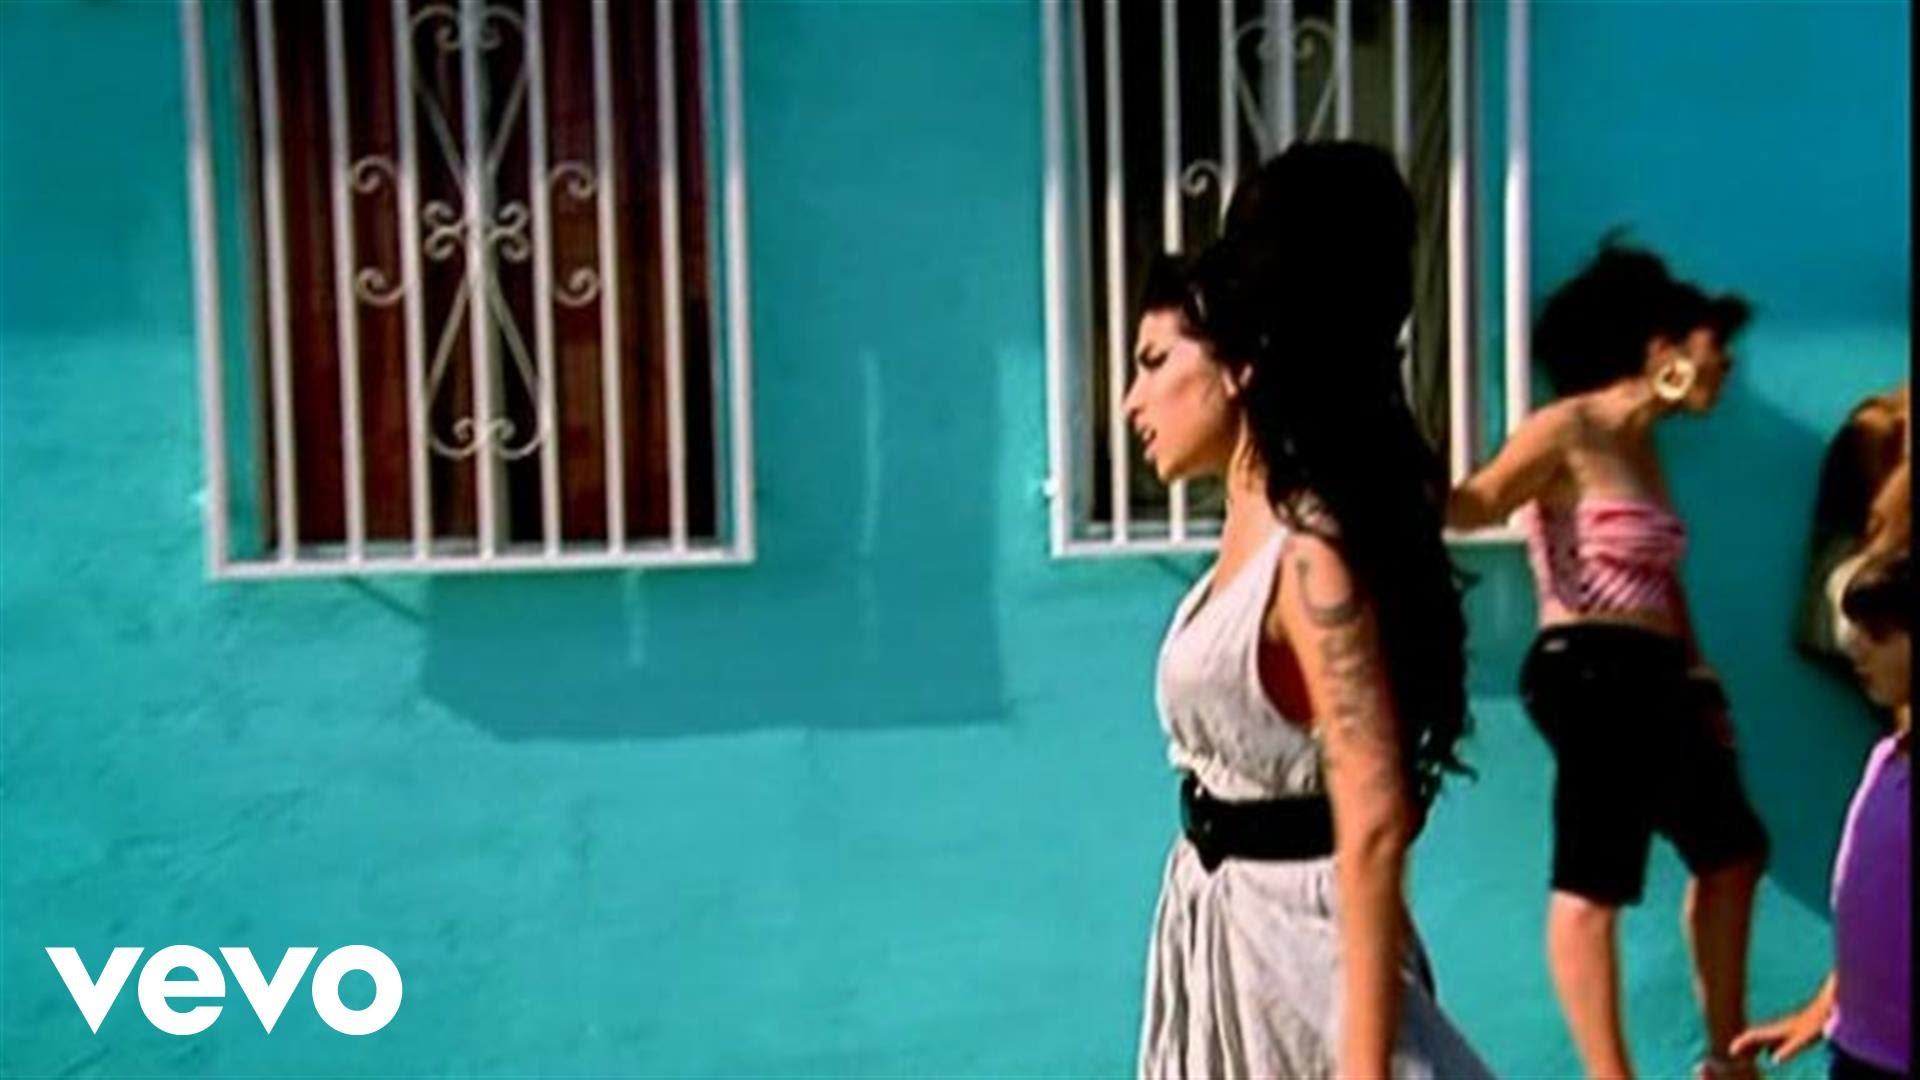 Tears Dry On Their Own - Amy Winehouse | Shazam